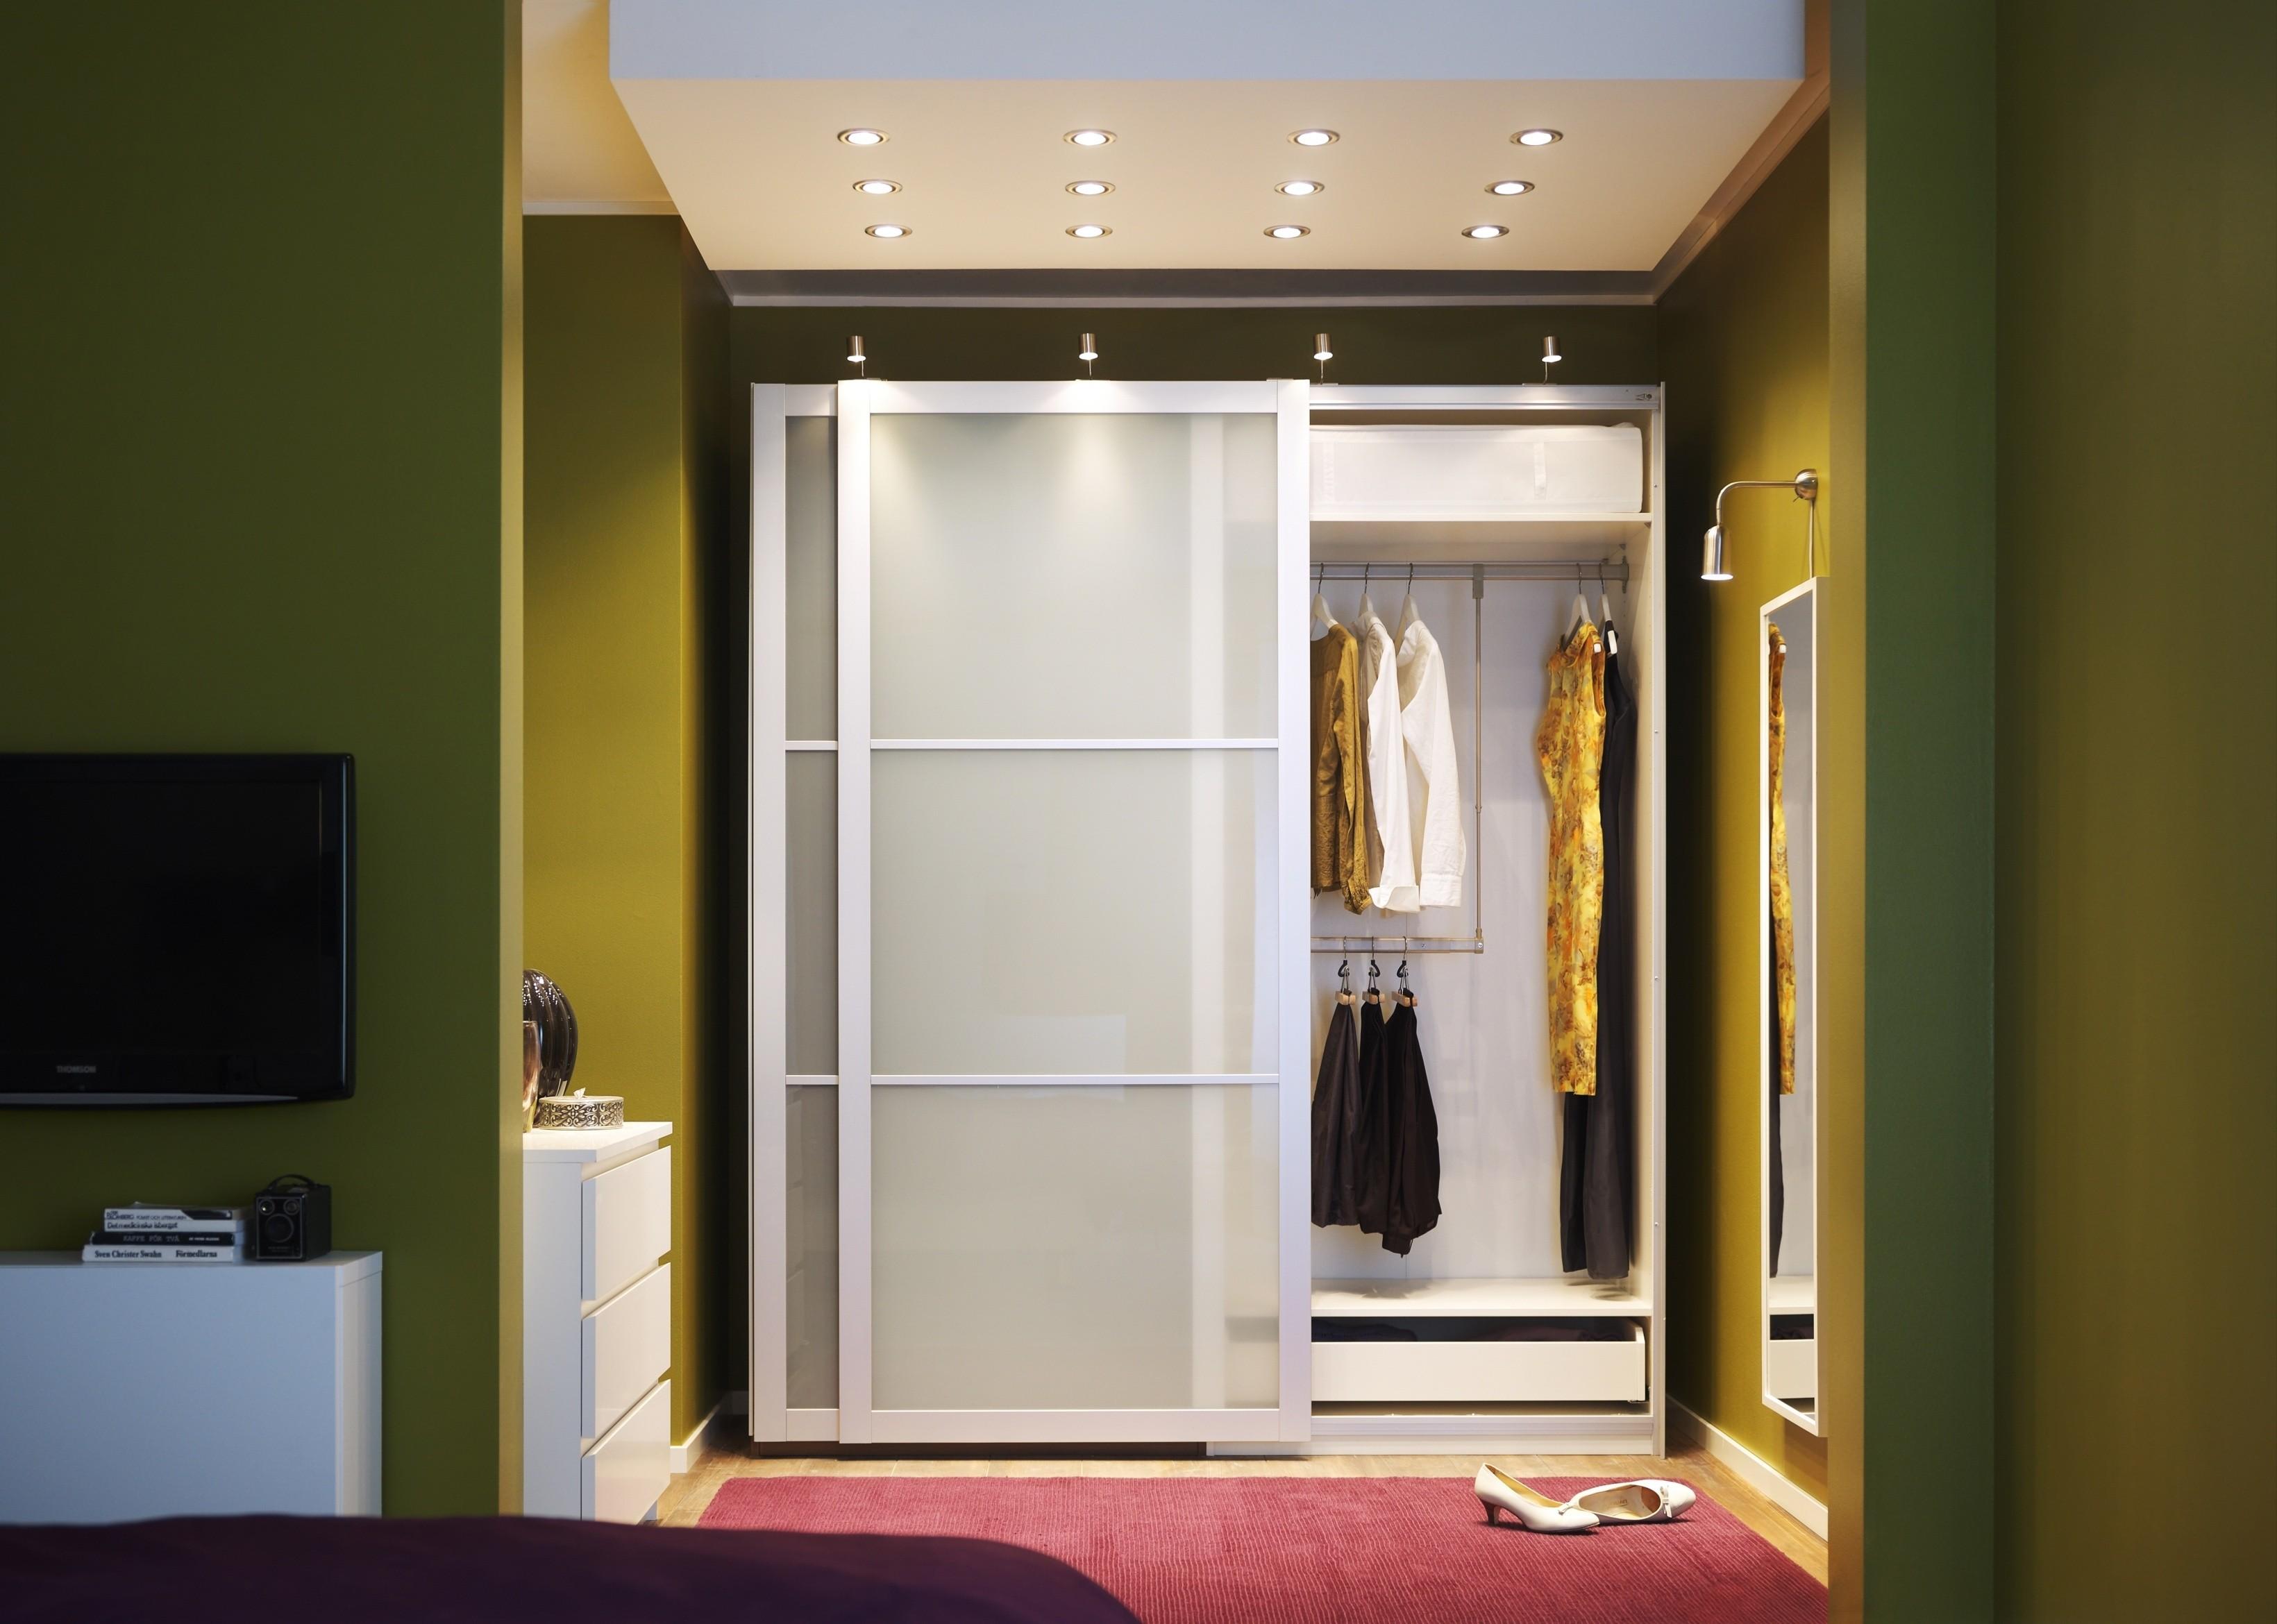 Kleine slaapkamer tip: kledingkast met schuifdeuren